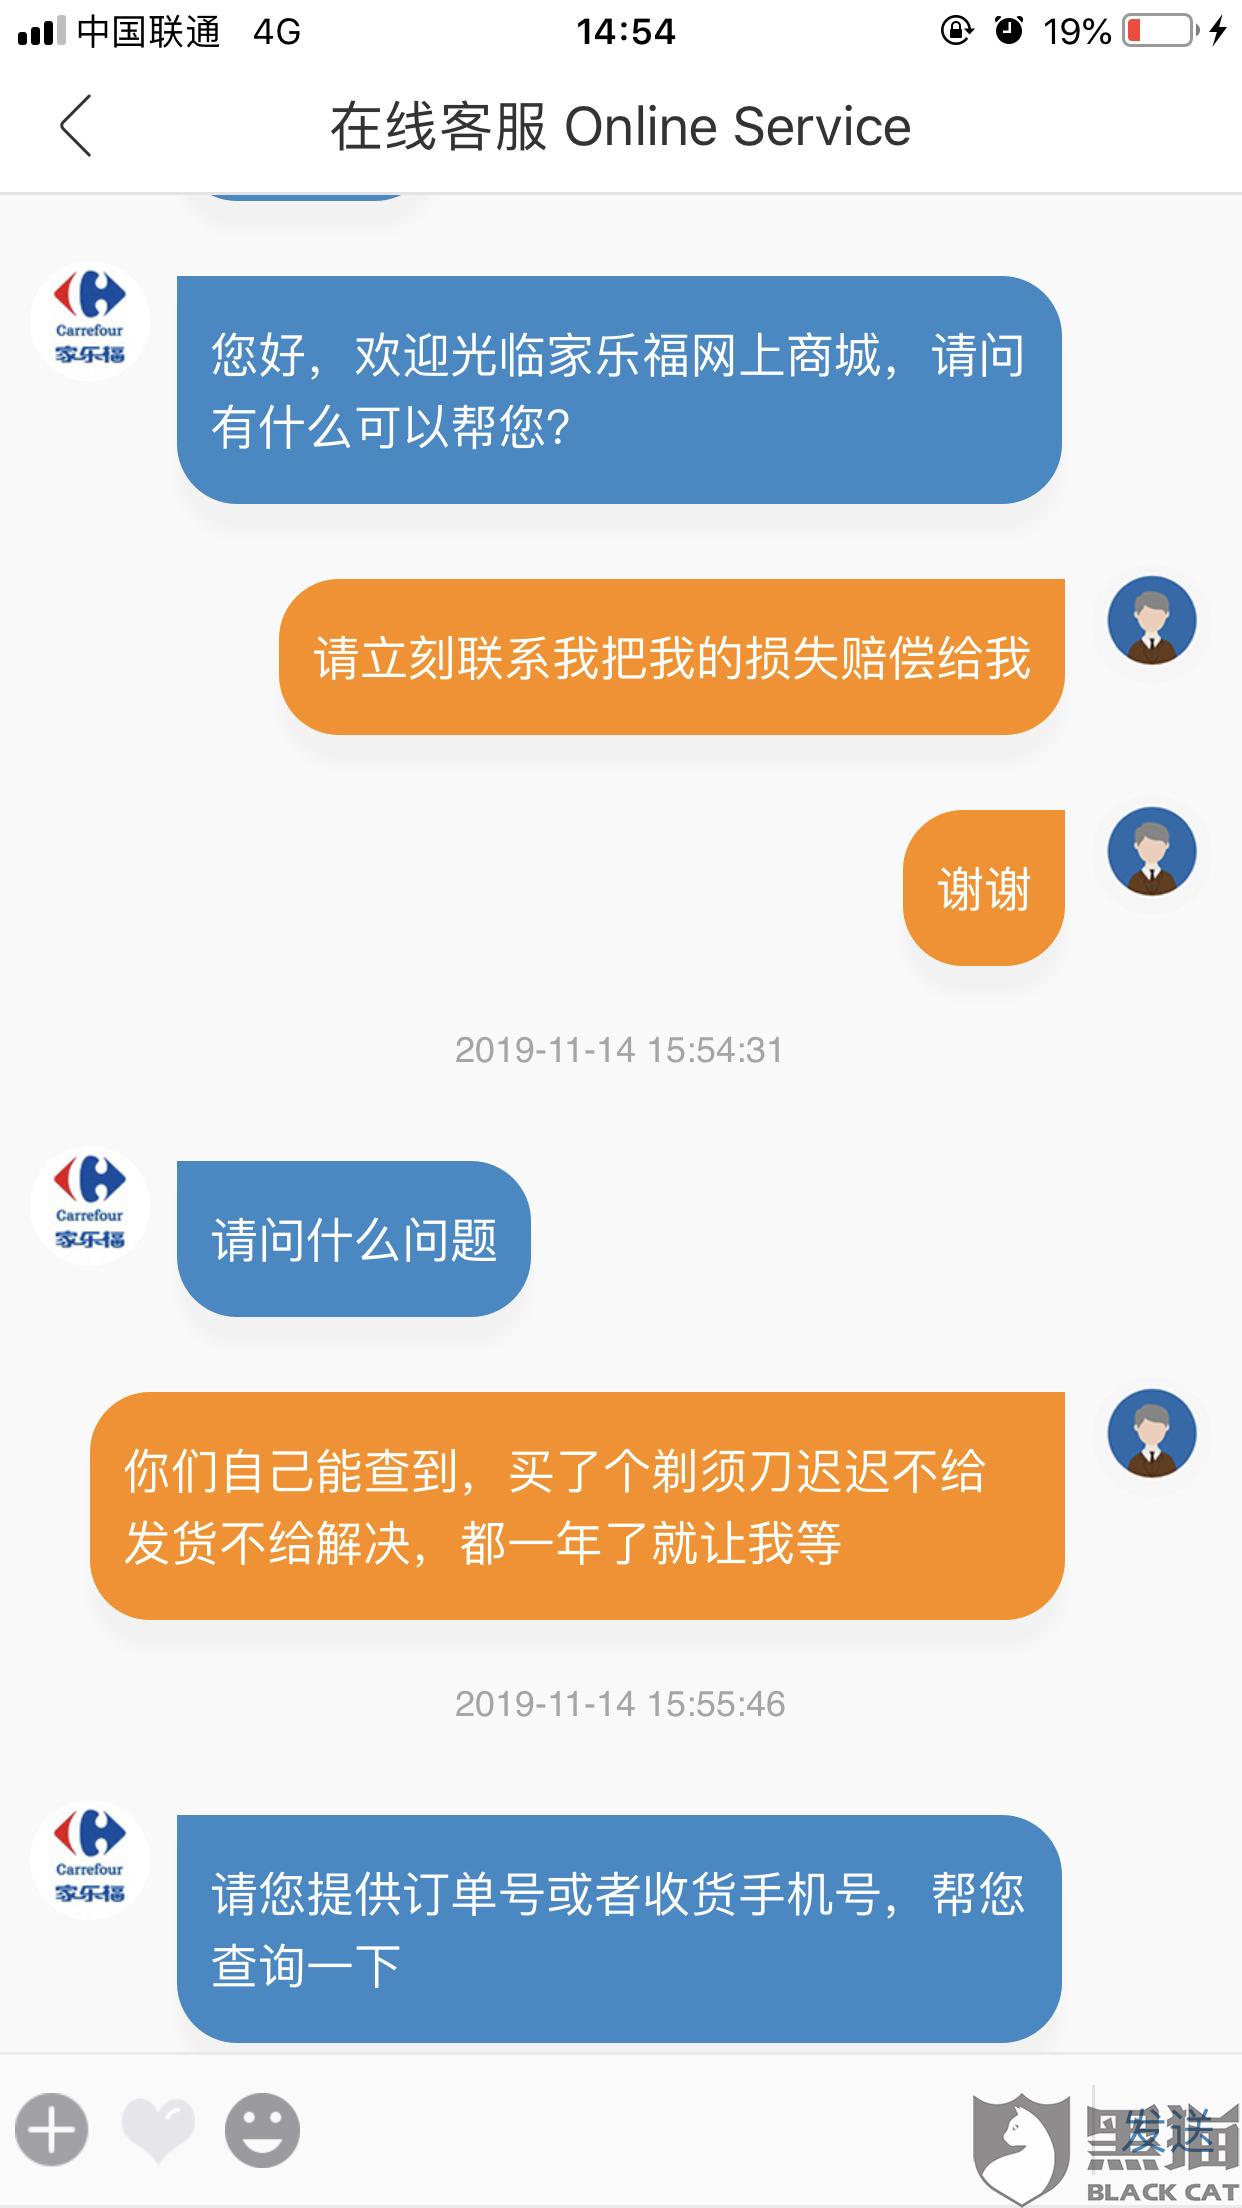 黑猫投诉:家乐福中国网上商城用时4天解决了消费者投诉